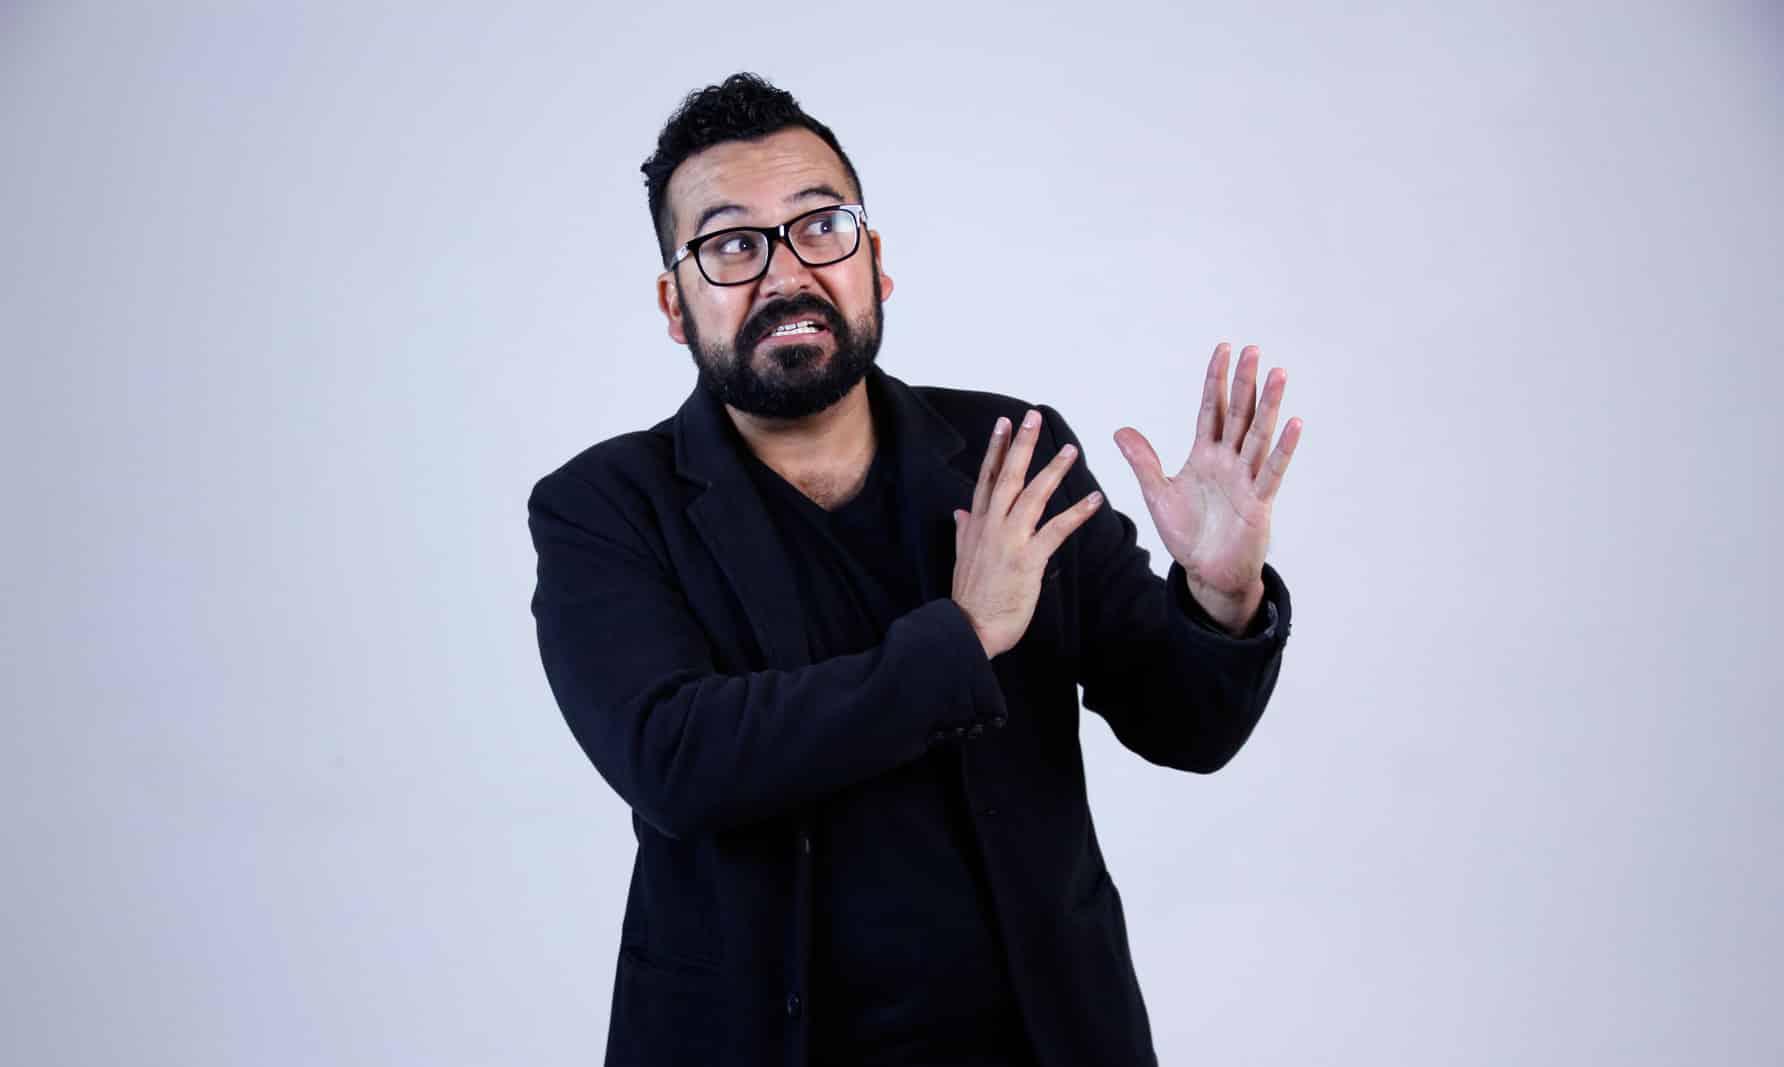 Alex Salazar Comanda El Quot Rodeo De Impro Quot En El Foro